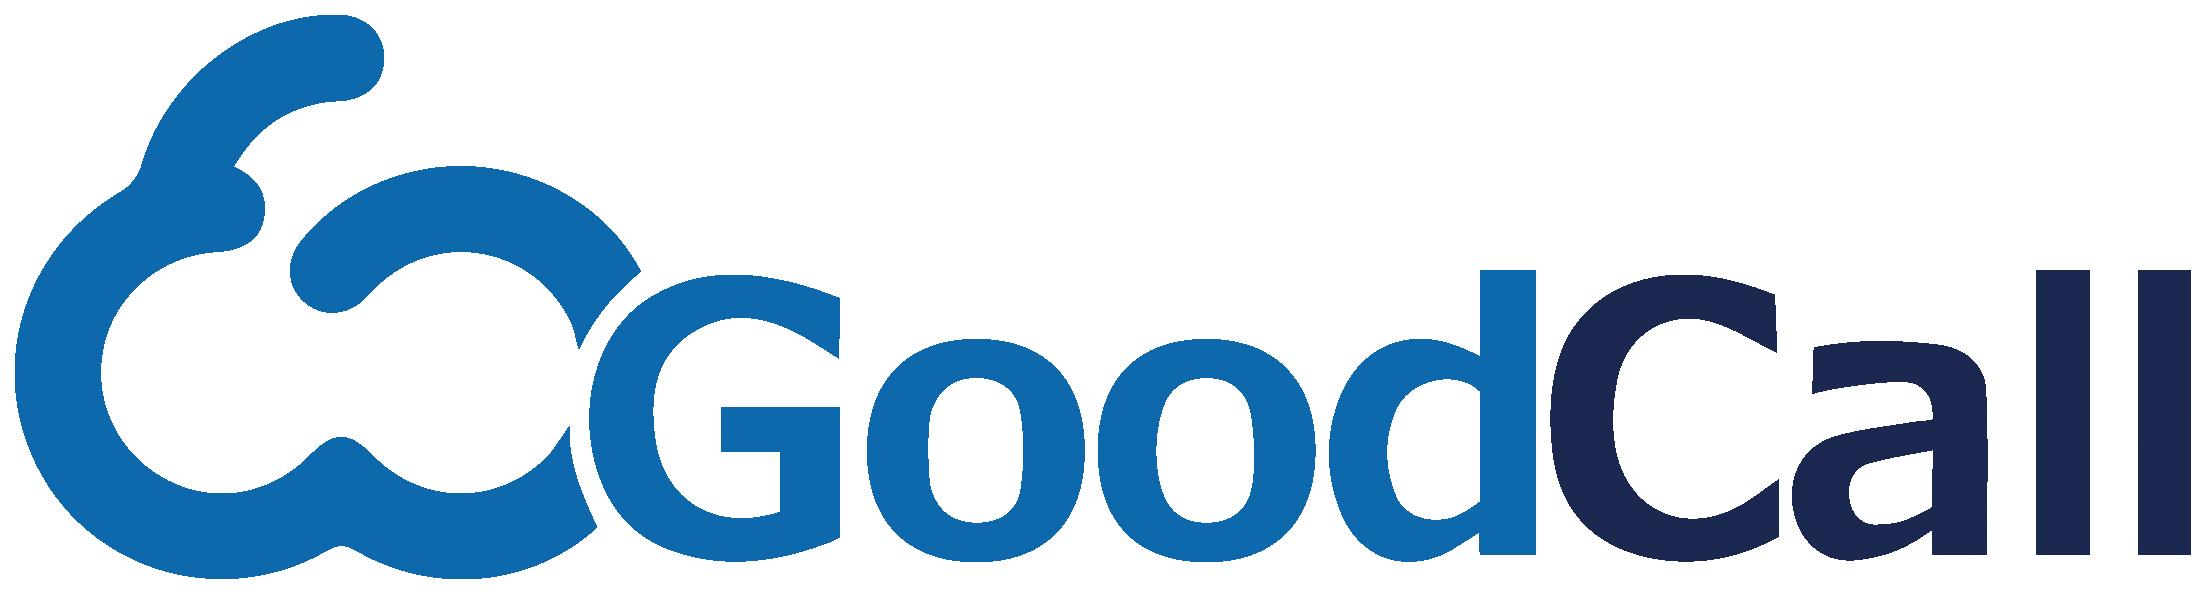 GoodCall|クラウドCTI・クラウド型コールシステム